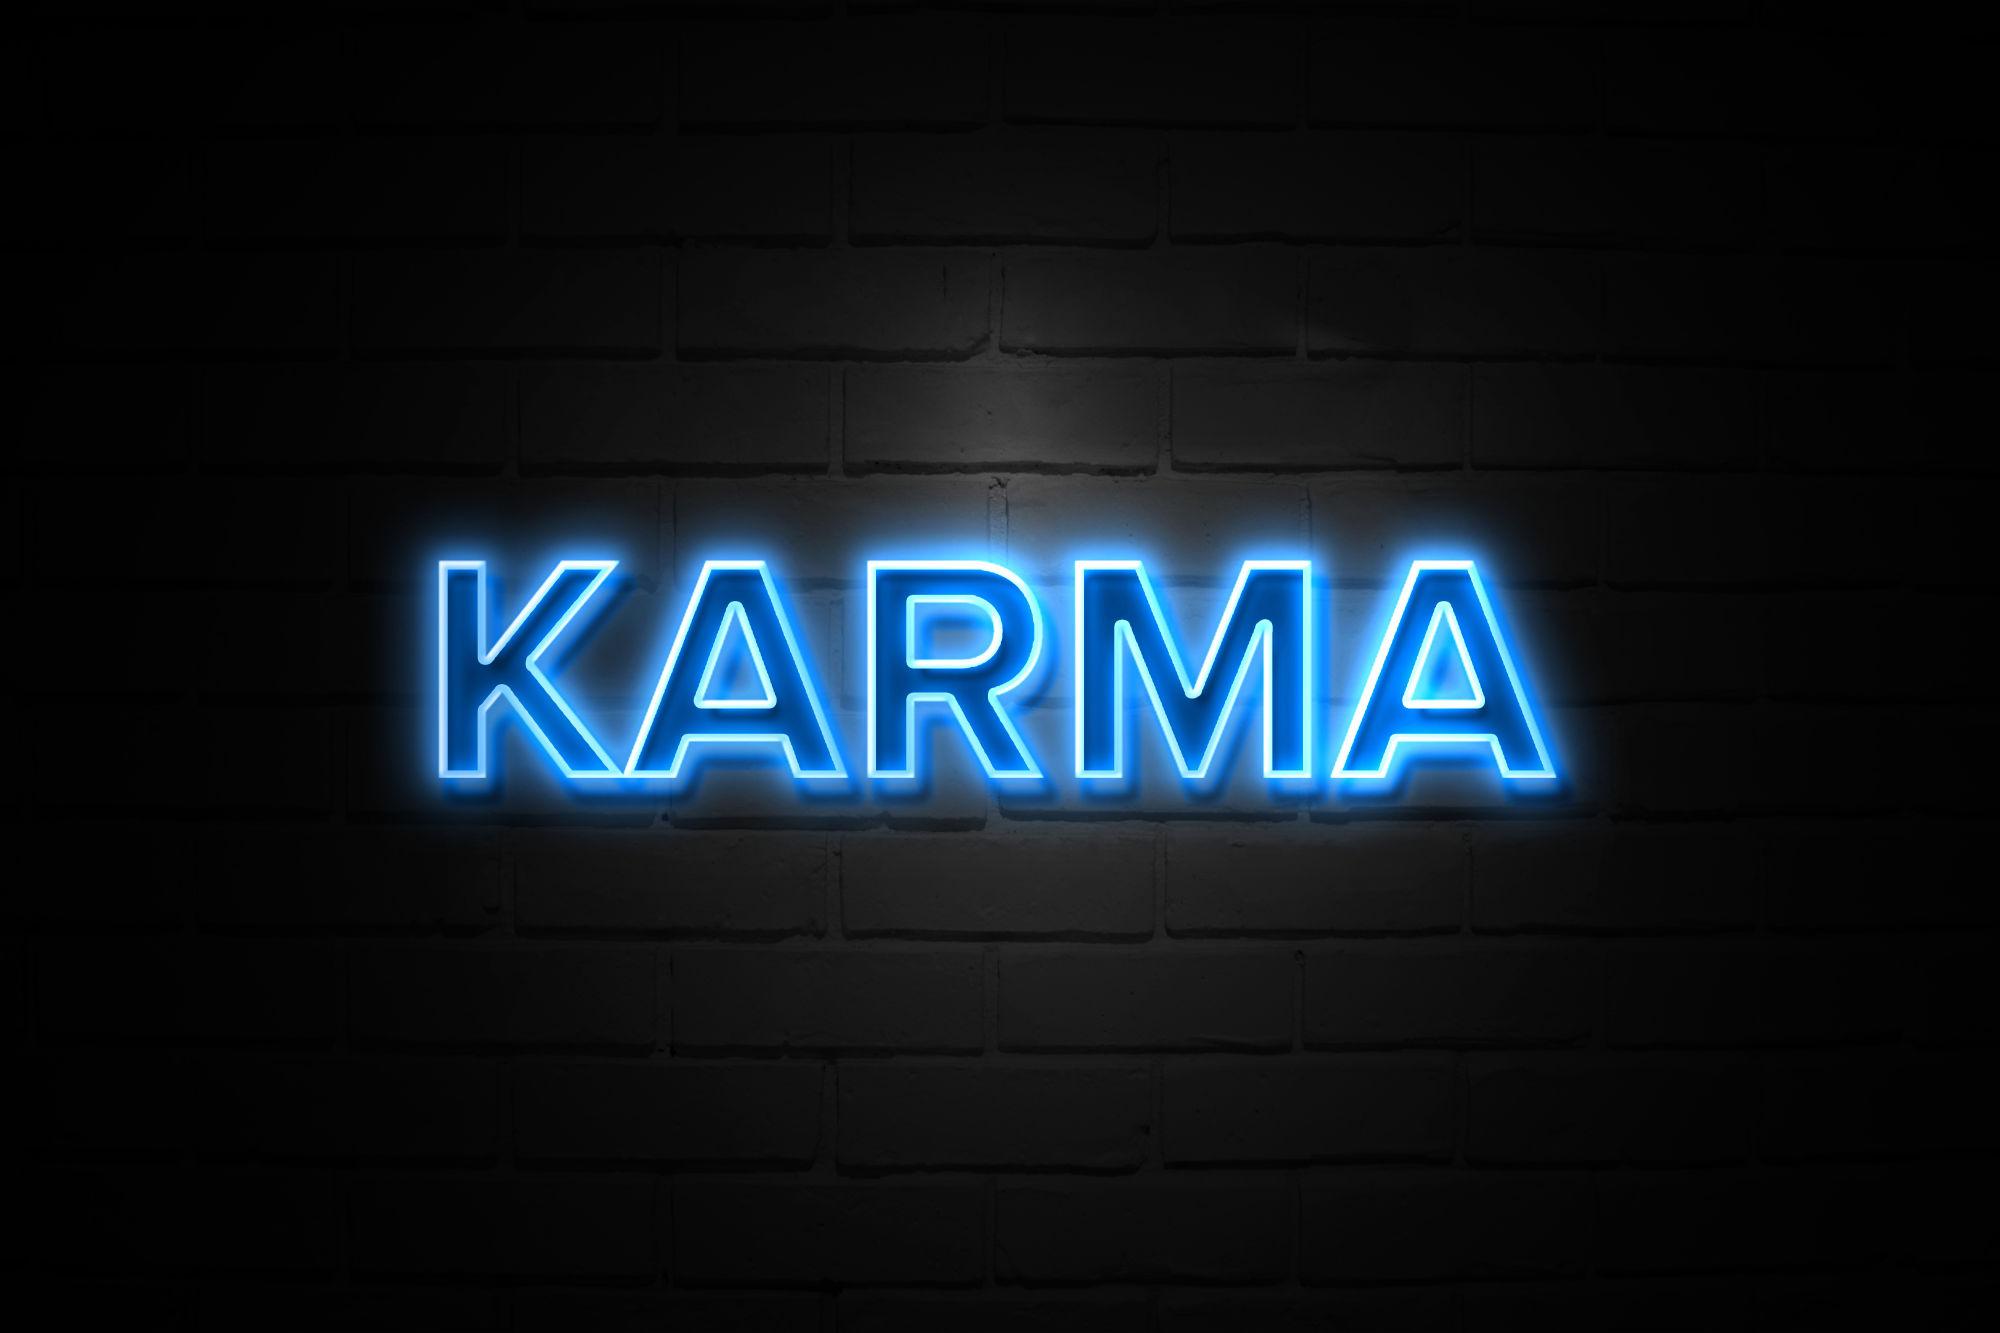 Karma en luces neon